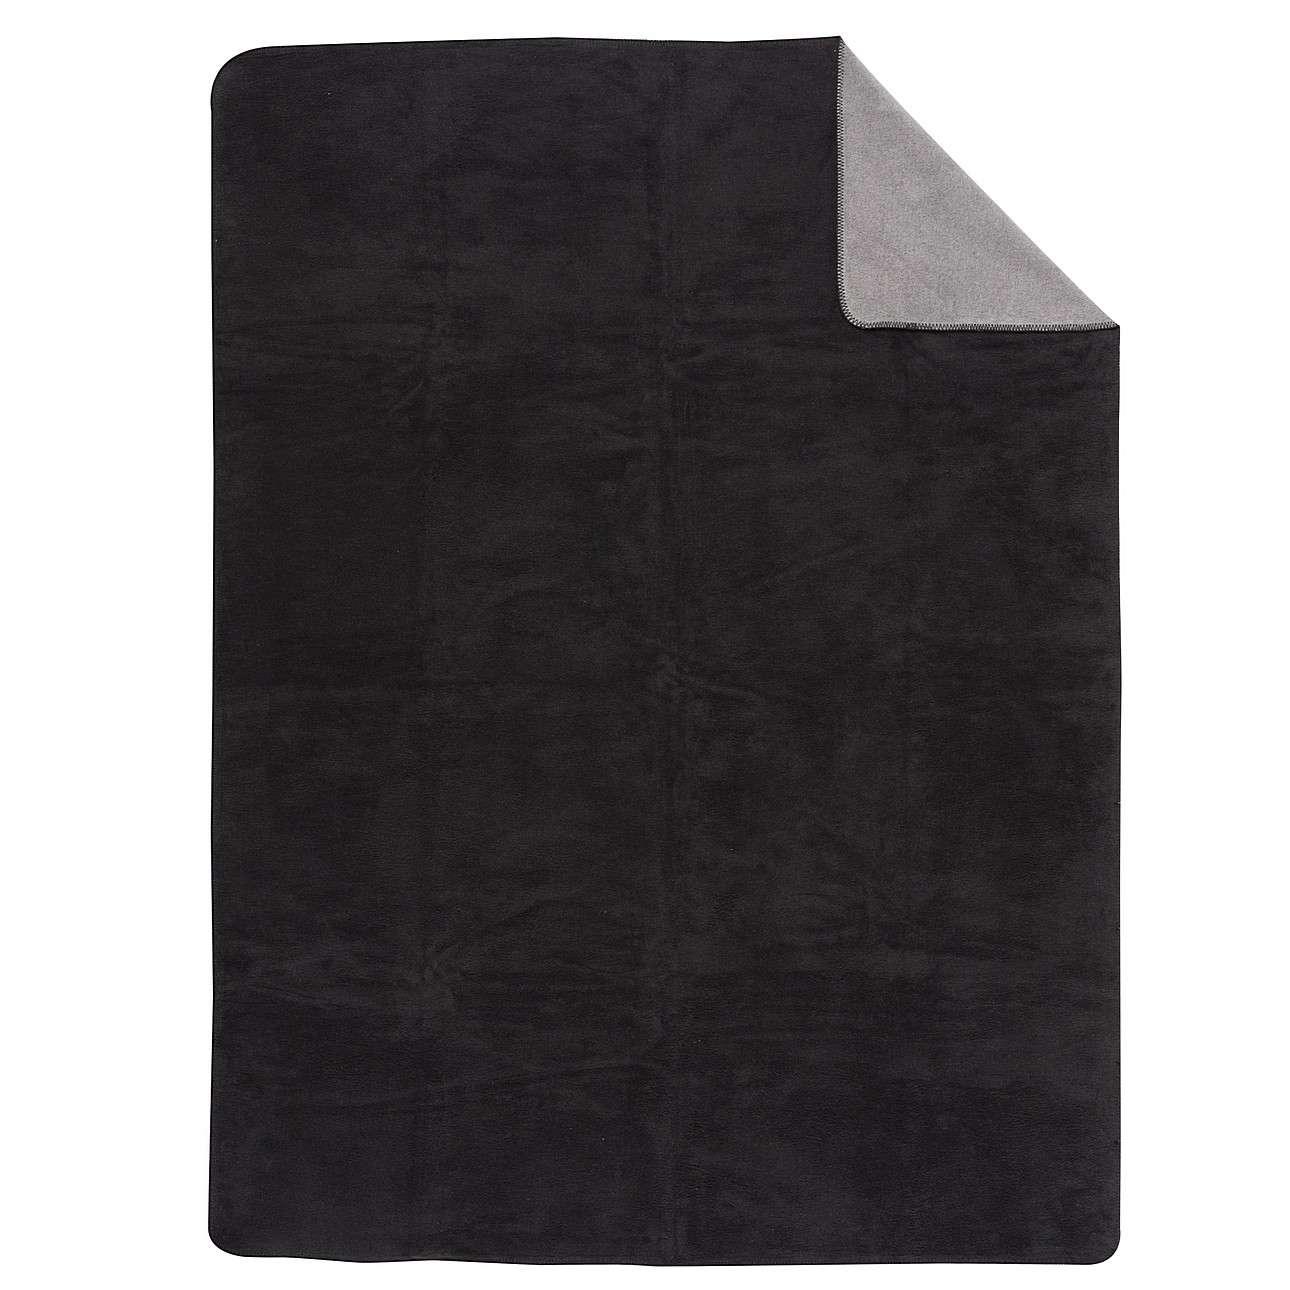 Plaid Cotton Cloud 150x200cm Black&Zinc